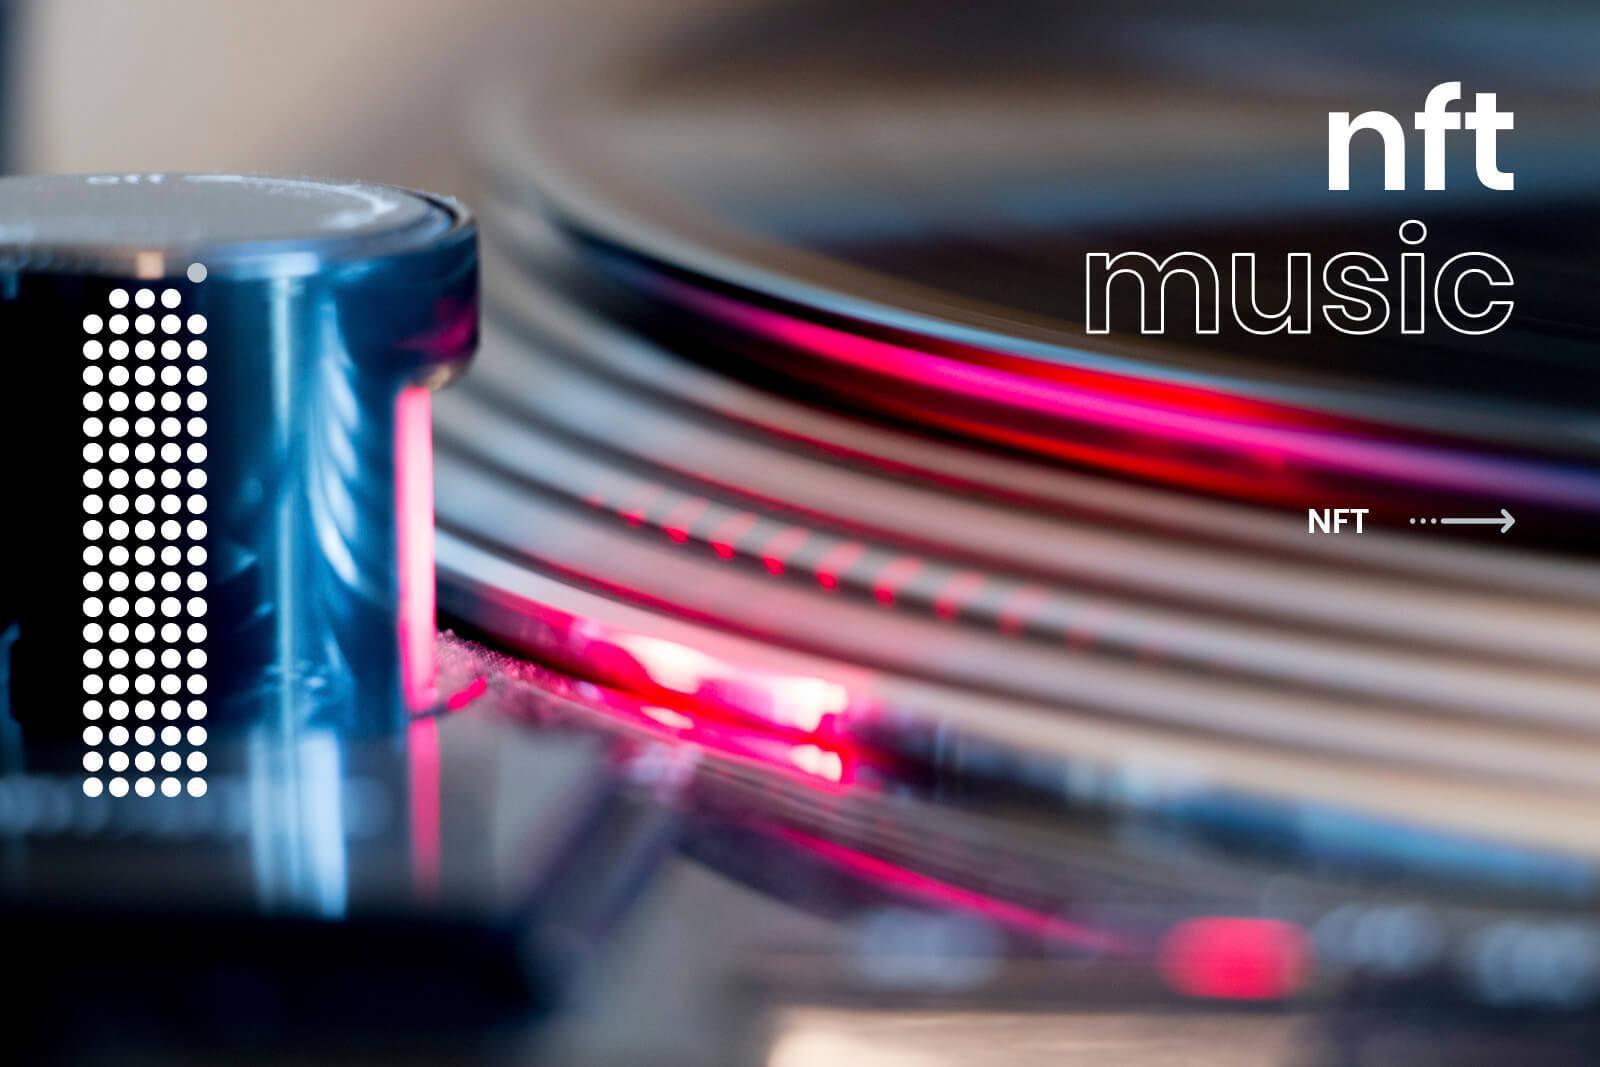 NFT music tidal